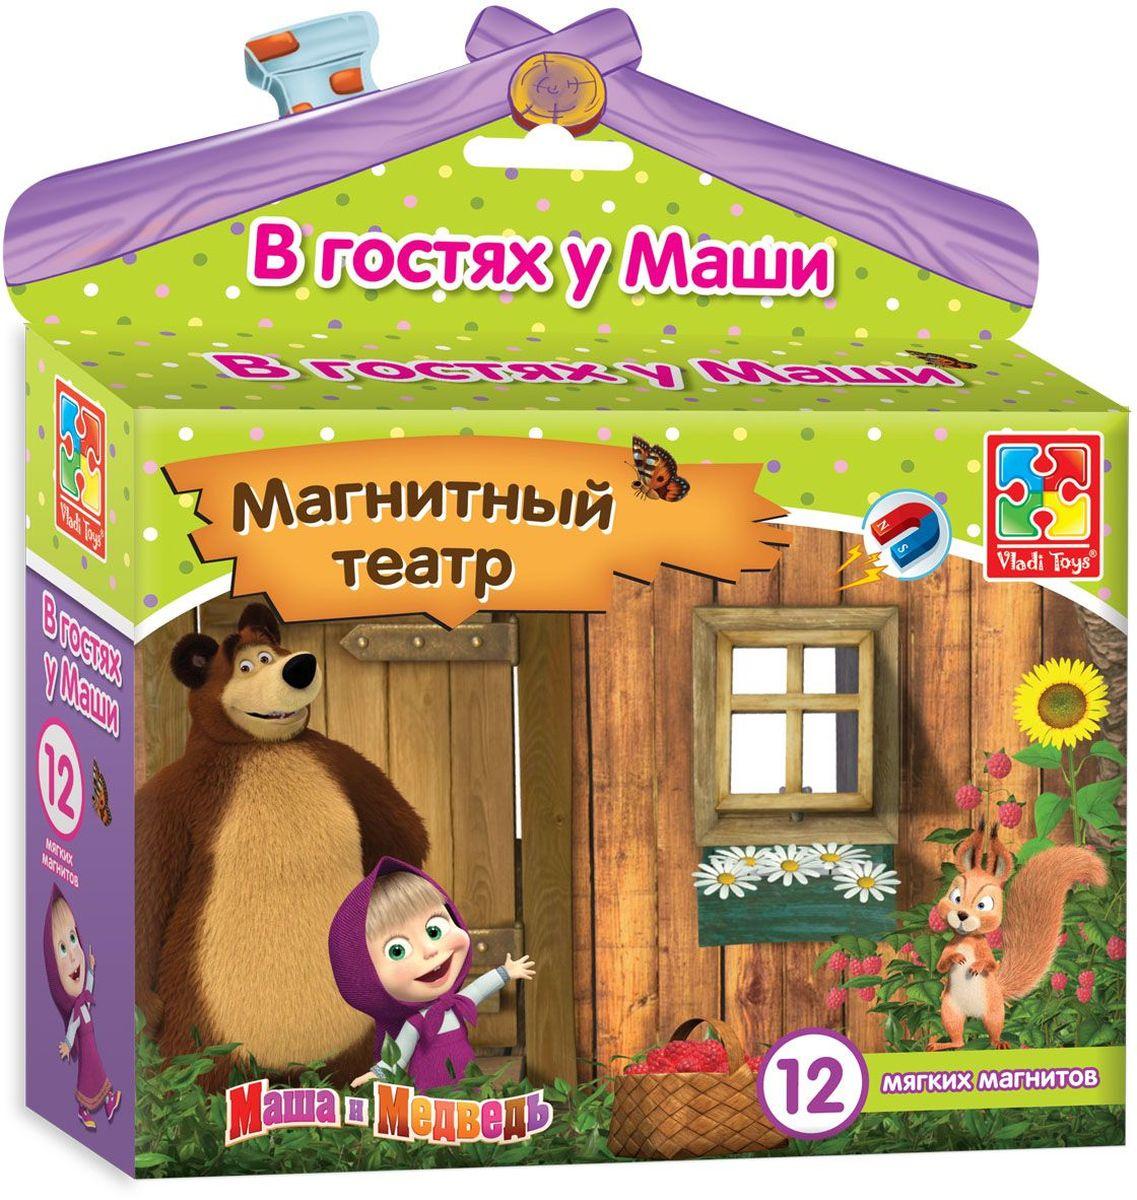 Vladi Toys Кукольный театр В гостях у МашиVT3206-22Кукольный магнитный театр Vladi Toys В гостях у Маши - прекрасная возможность для ребенка творить и создавать свои собственные сюжеты! Игра включает элементы с персонажами мультсериала Маша и Медведь и декорации. Все элементы — мягкие и толстенькие, благодаря чему ими удобно пользоваться. Также в состав игры входит сказка-сценарий, что не помешает ребенку во время игры придумать множество своих собственных сказок.